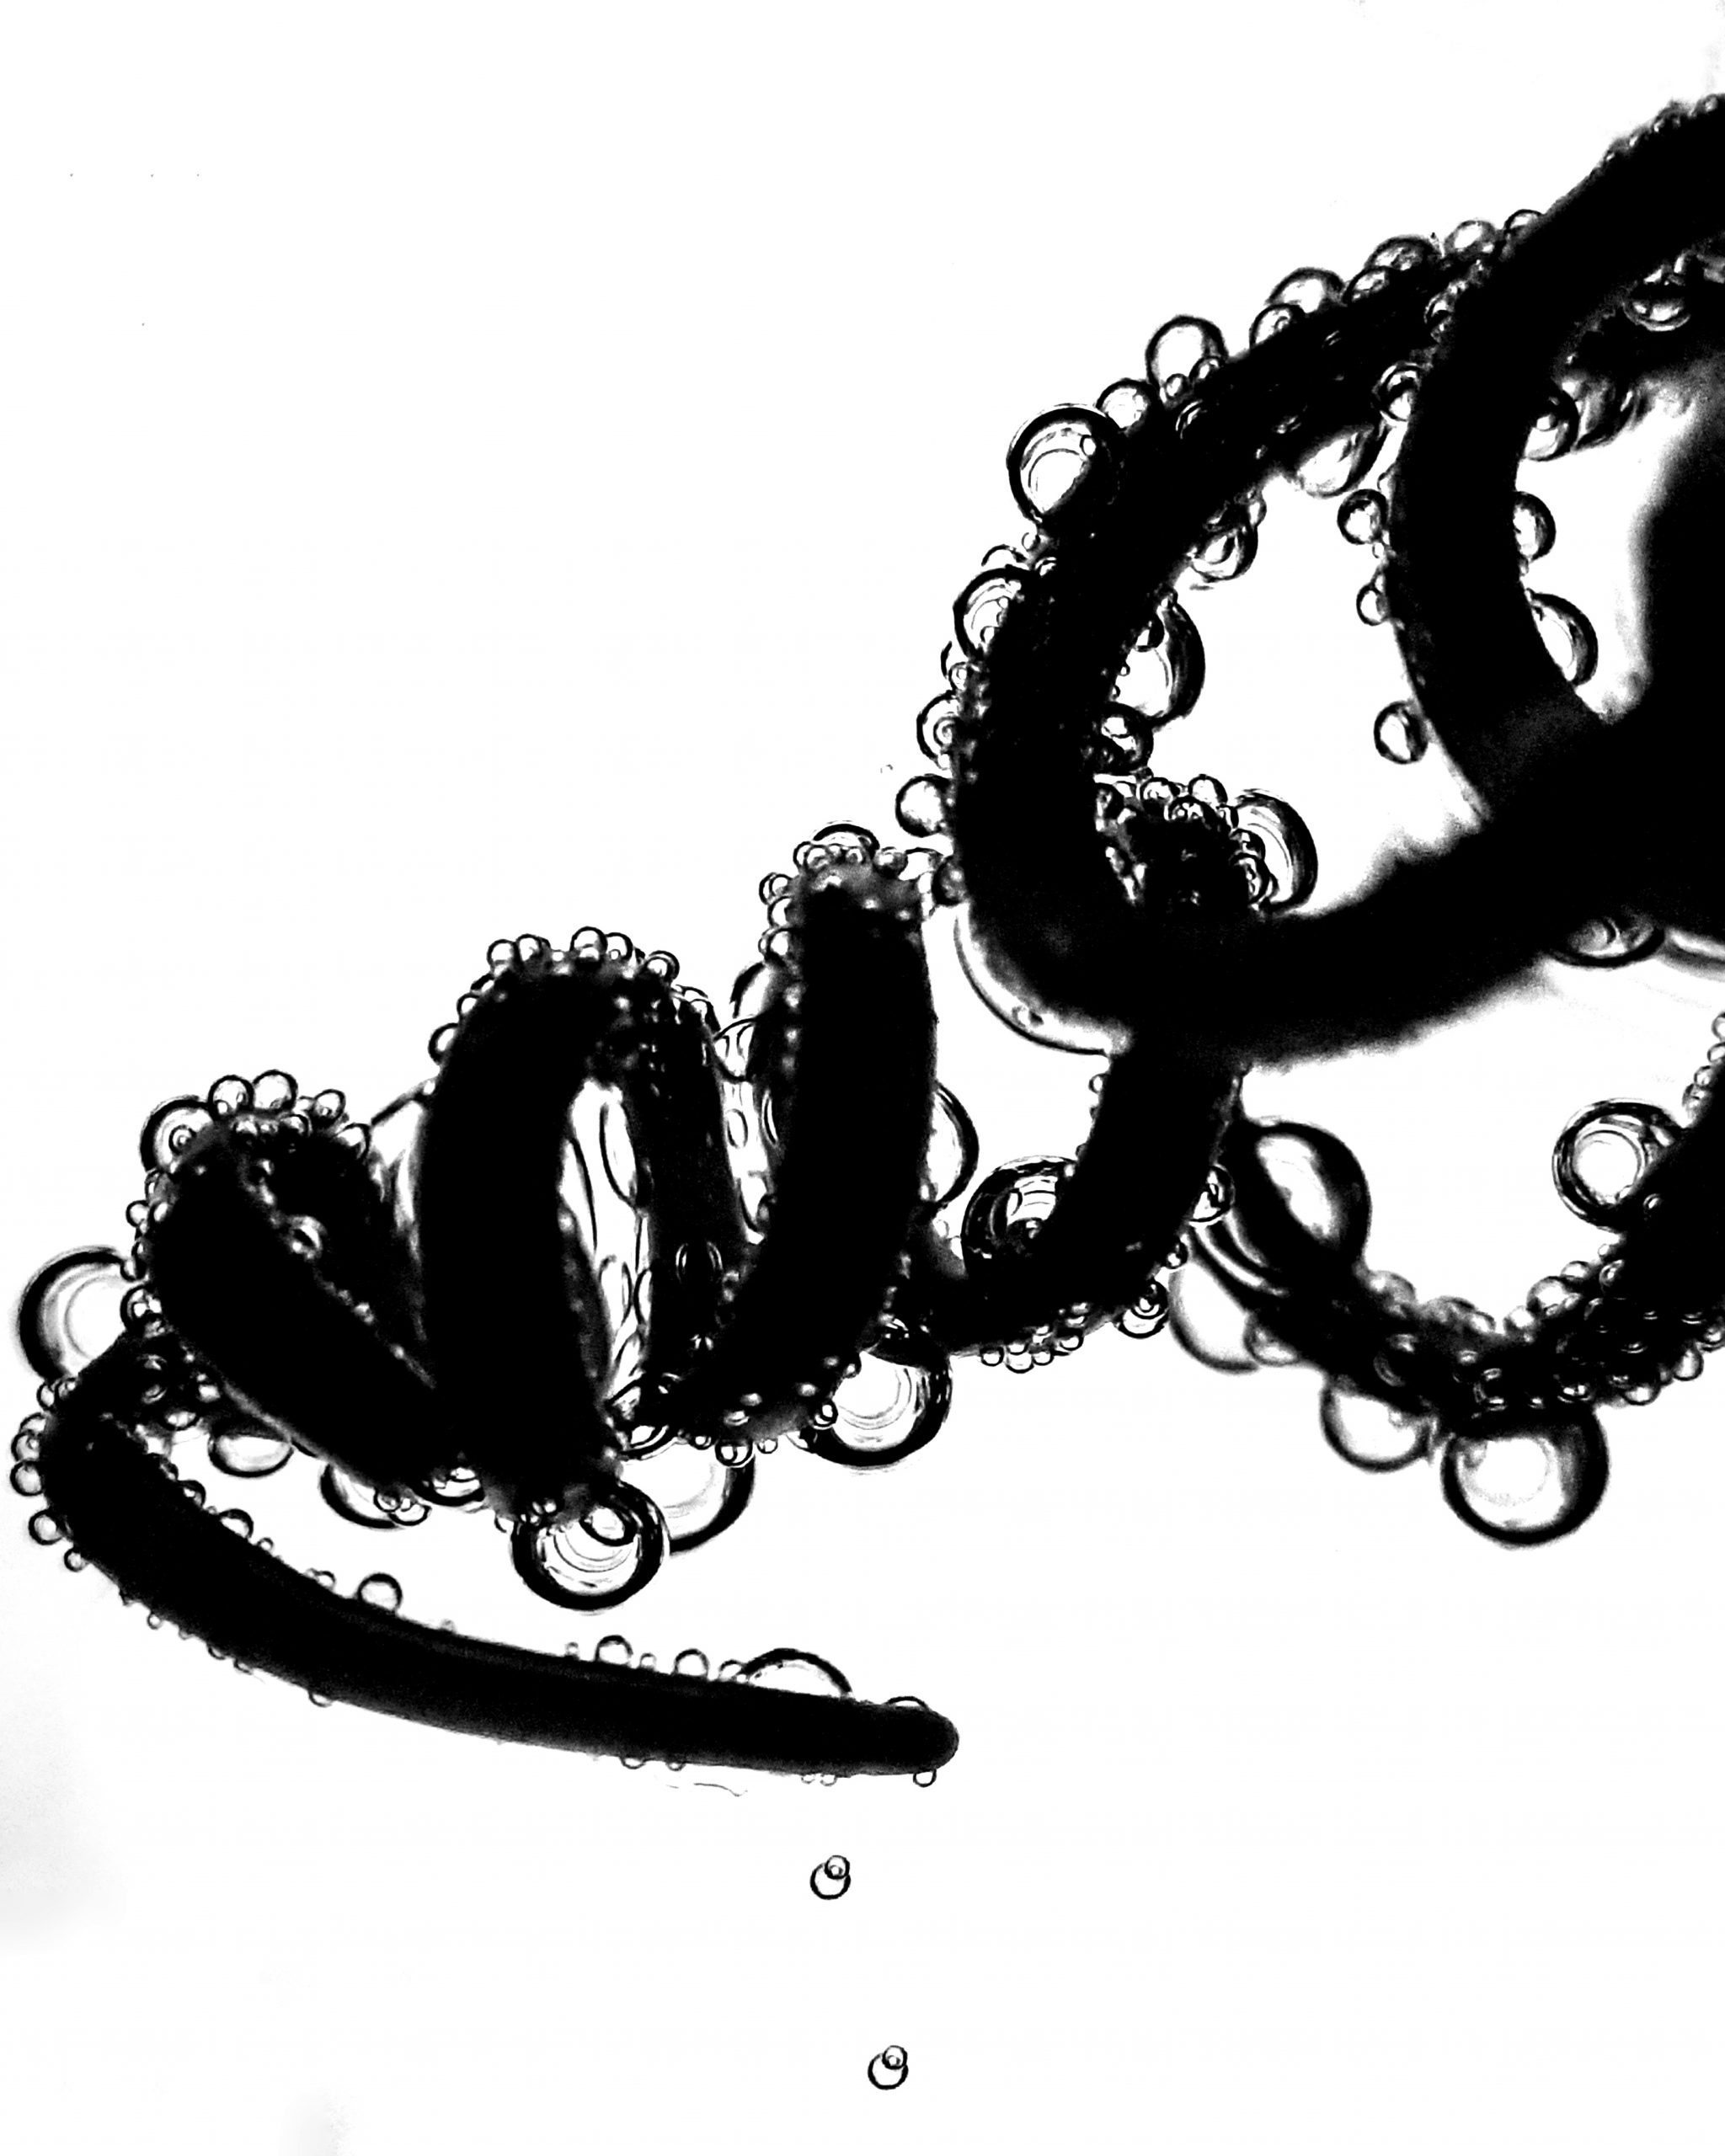 Spiral formation